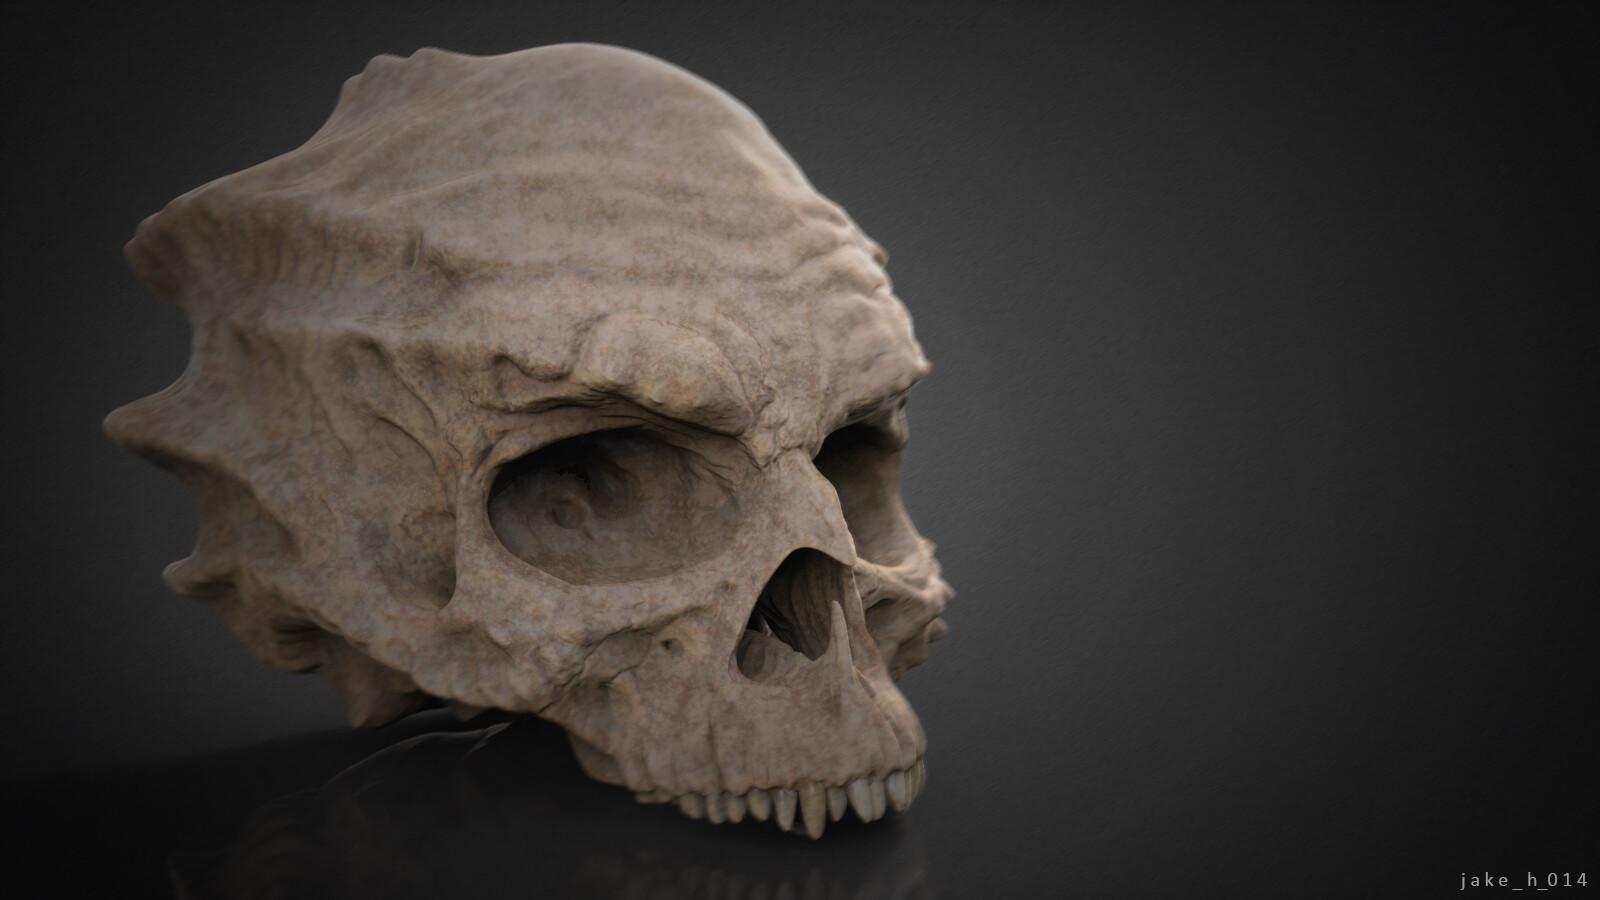 Demon skull - sculpt.